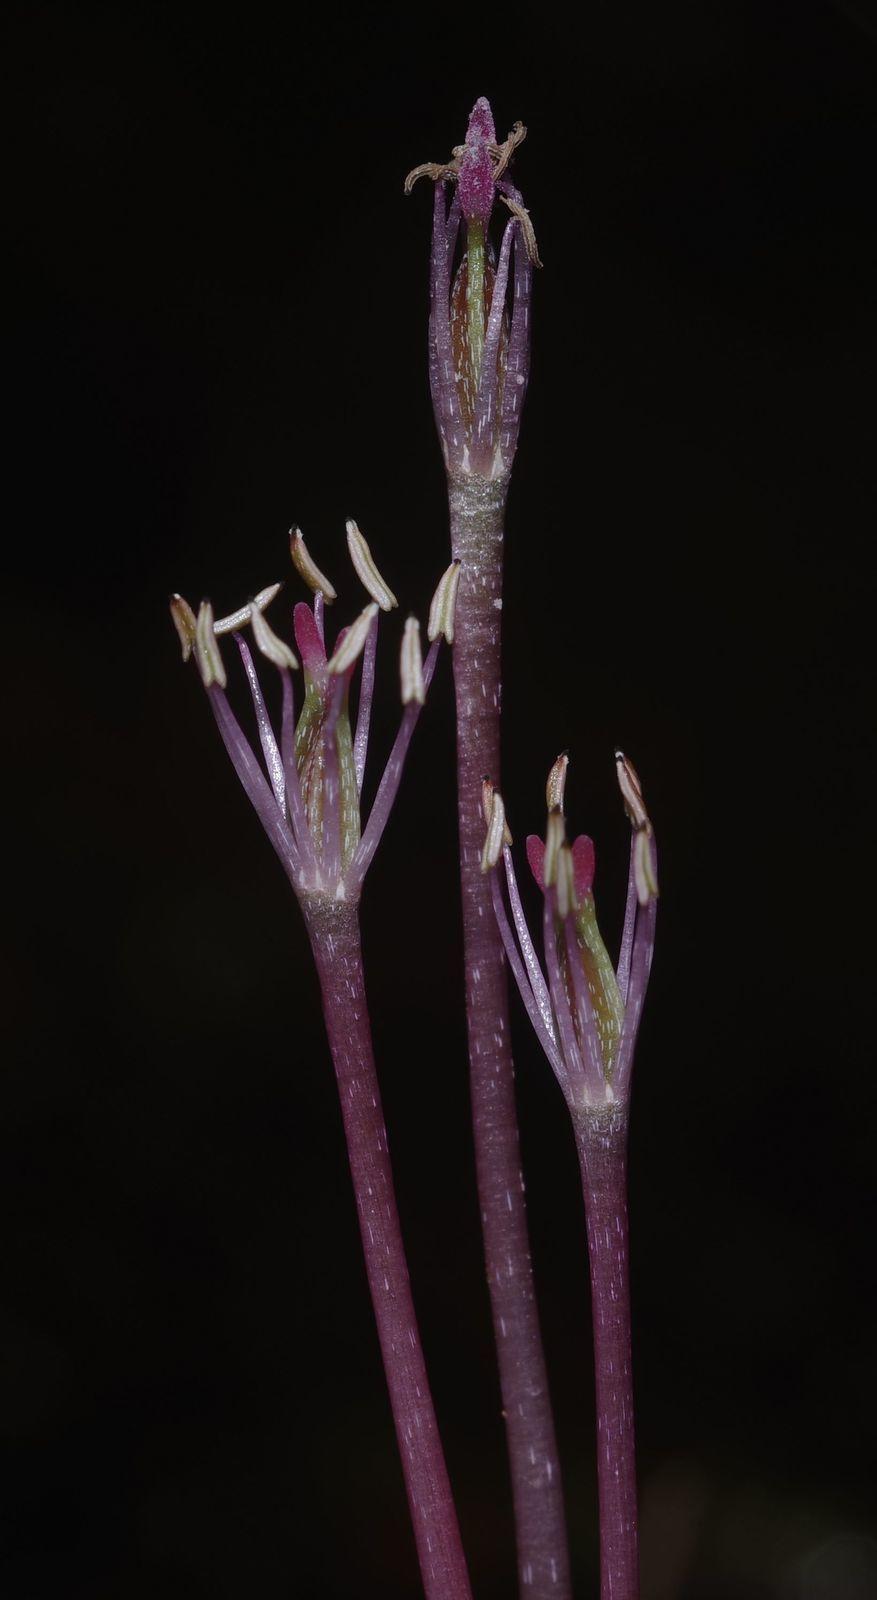 Marathrum capillaceum